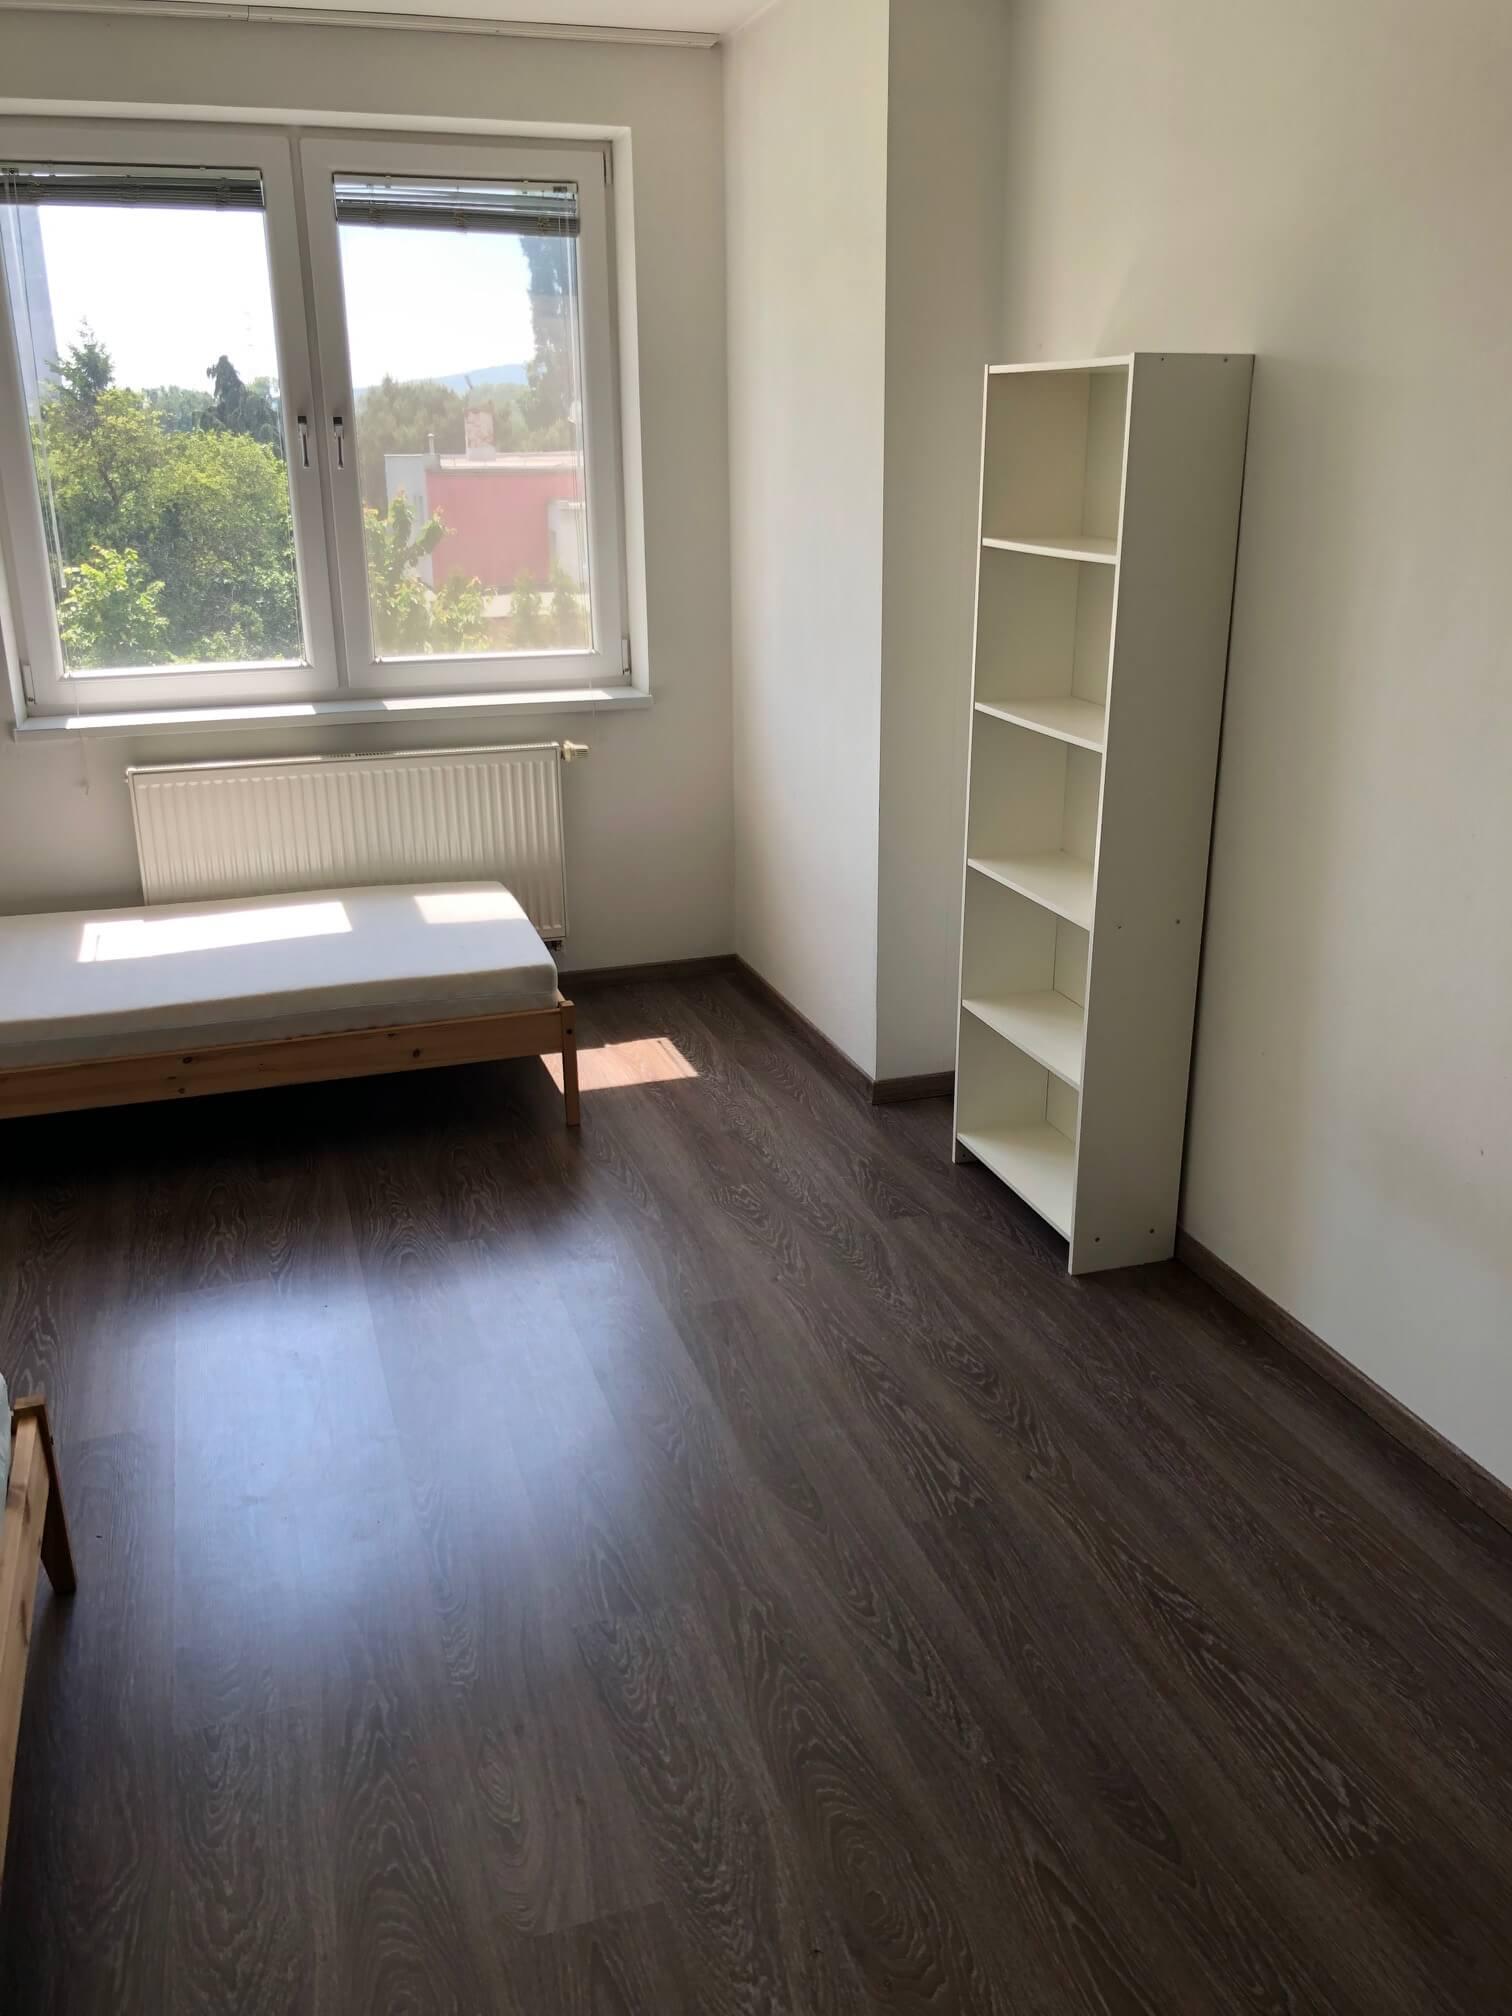 Predané: 3 izbový byt, novostavba, 72,25m2, loggia 4,82m2, Staré Grunty, Karlovka, garážové státie-26